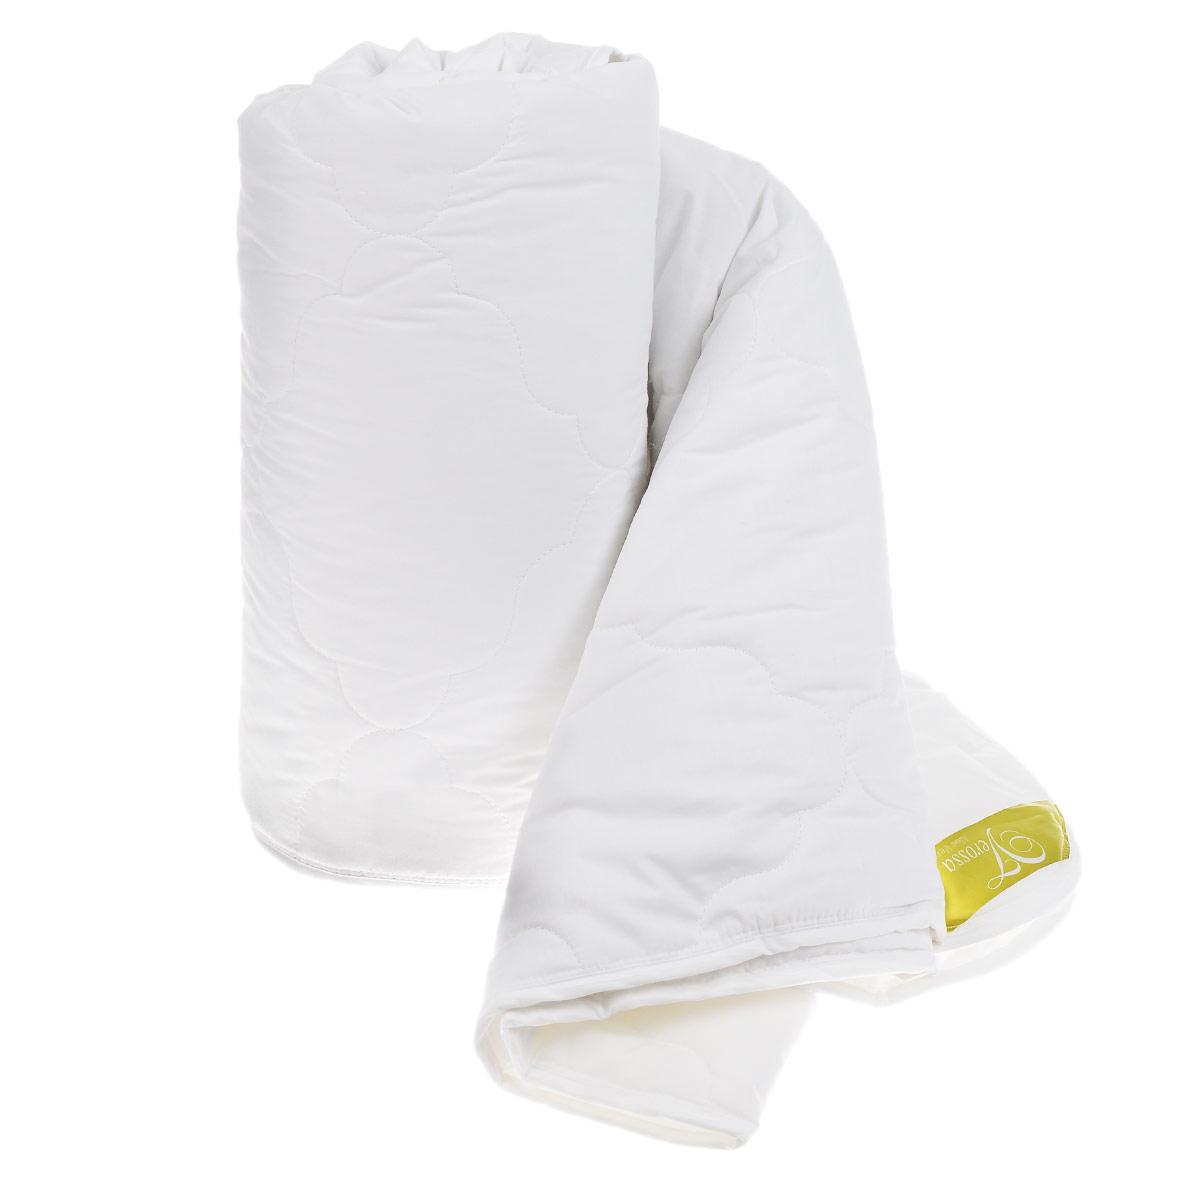 Одеяло легкое Verossa AloeVera, наполнитель: полиэстер, цвет: белый, 200 см х 220 см158084Легкое одеяло Verossa AloeVera подарит незабываемое чувство комфорта и уюта во время сна. При уменьшении статического электричества качество сна увеличивается, вы почувствуете себя более отдохнувшим и снявшим стресс. Идеально подойдет людям, которые много времени проводят на работе, подвержены стрессу и заботятся о своем здоровье. Изделие также отлично отводит и испаряет влагу. Одеяло упаковано в пластиковую сумку-чехол, закрывающуюся на застежку-молнию. Рекомендации по уходу: - Можно стирать в стиральной машине при температуре не выше 30°С. - Не отбеливать. - Не гладить. - Нельзя отжимать и сушить в стиральной машине. - Химчистка с мягким растворителем. - Сушить на горизонтальной поверхности. Материал чехла: 65% хлопок, 35% полиэстер. Наполнитель: 100% полиэстер. Размер: 200 см х 220 см. Плотность наполнителя: 150 г/м2.